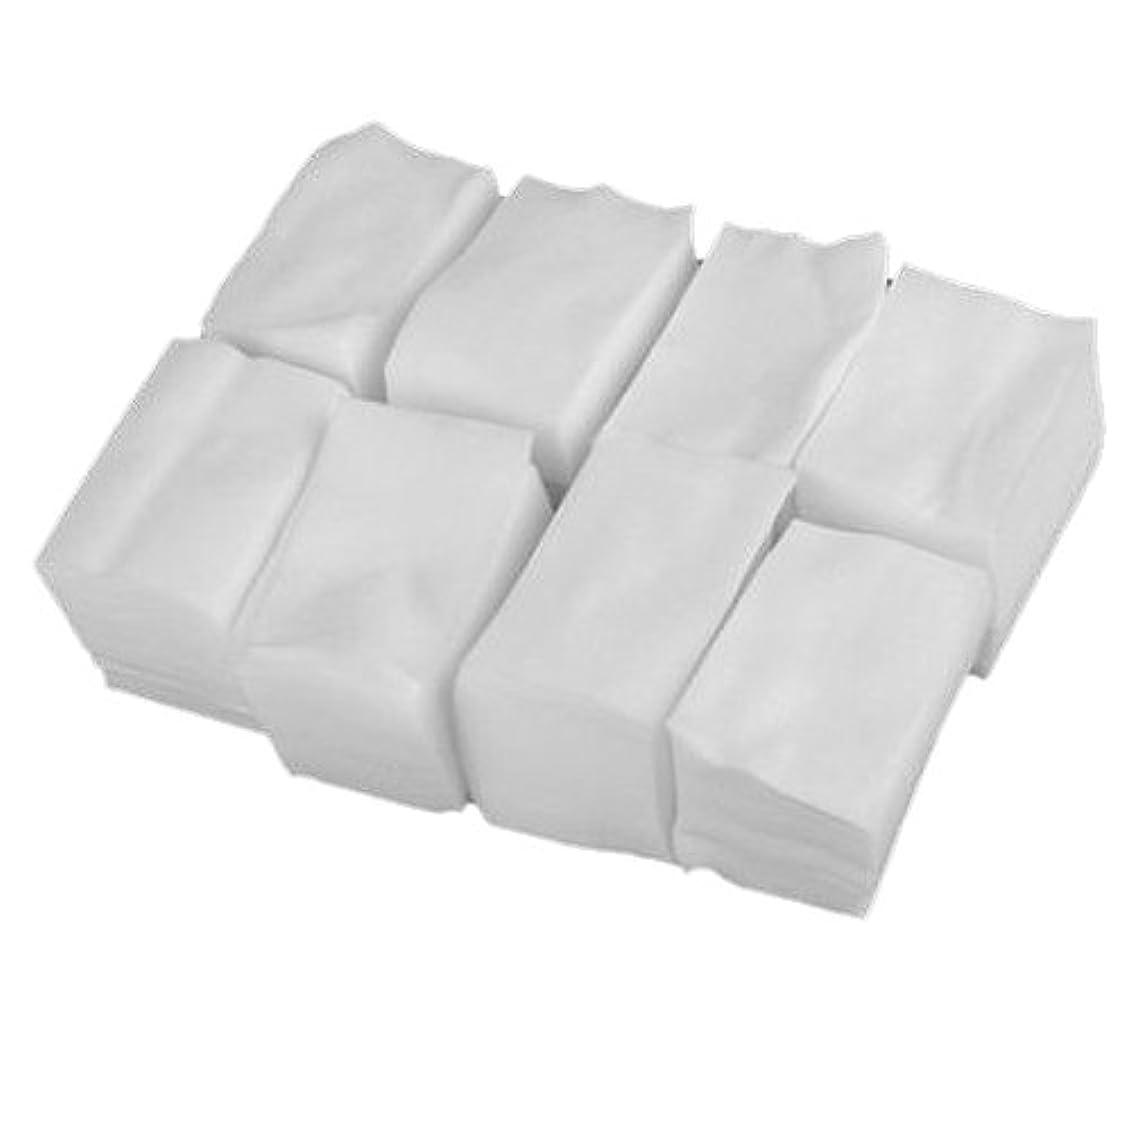 指定するバンドル宮殿SODIAL 900x白いリントフリーネイルアート ワイプ紙パッド ゲルアクリルのヒント ポリッシュリムーバークリーナー(6cm x 5cm)